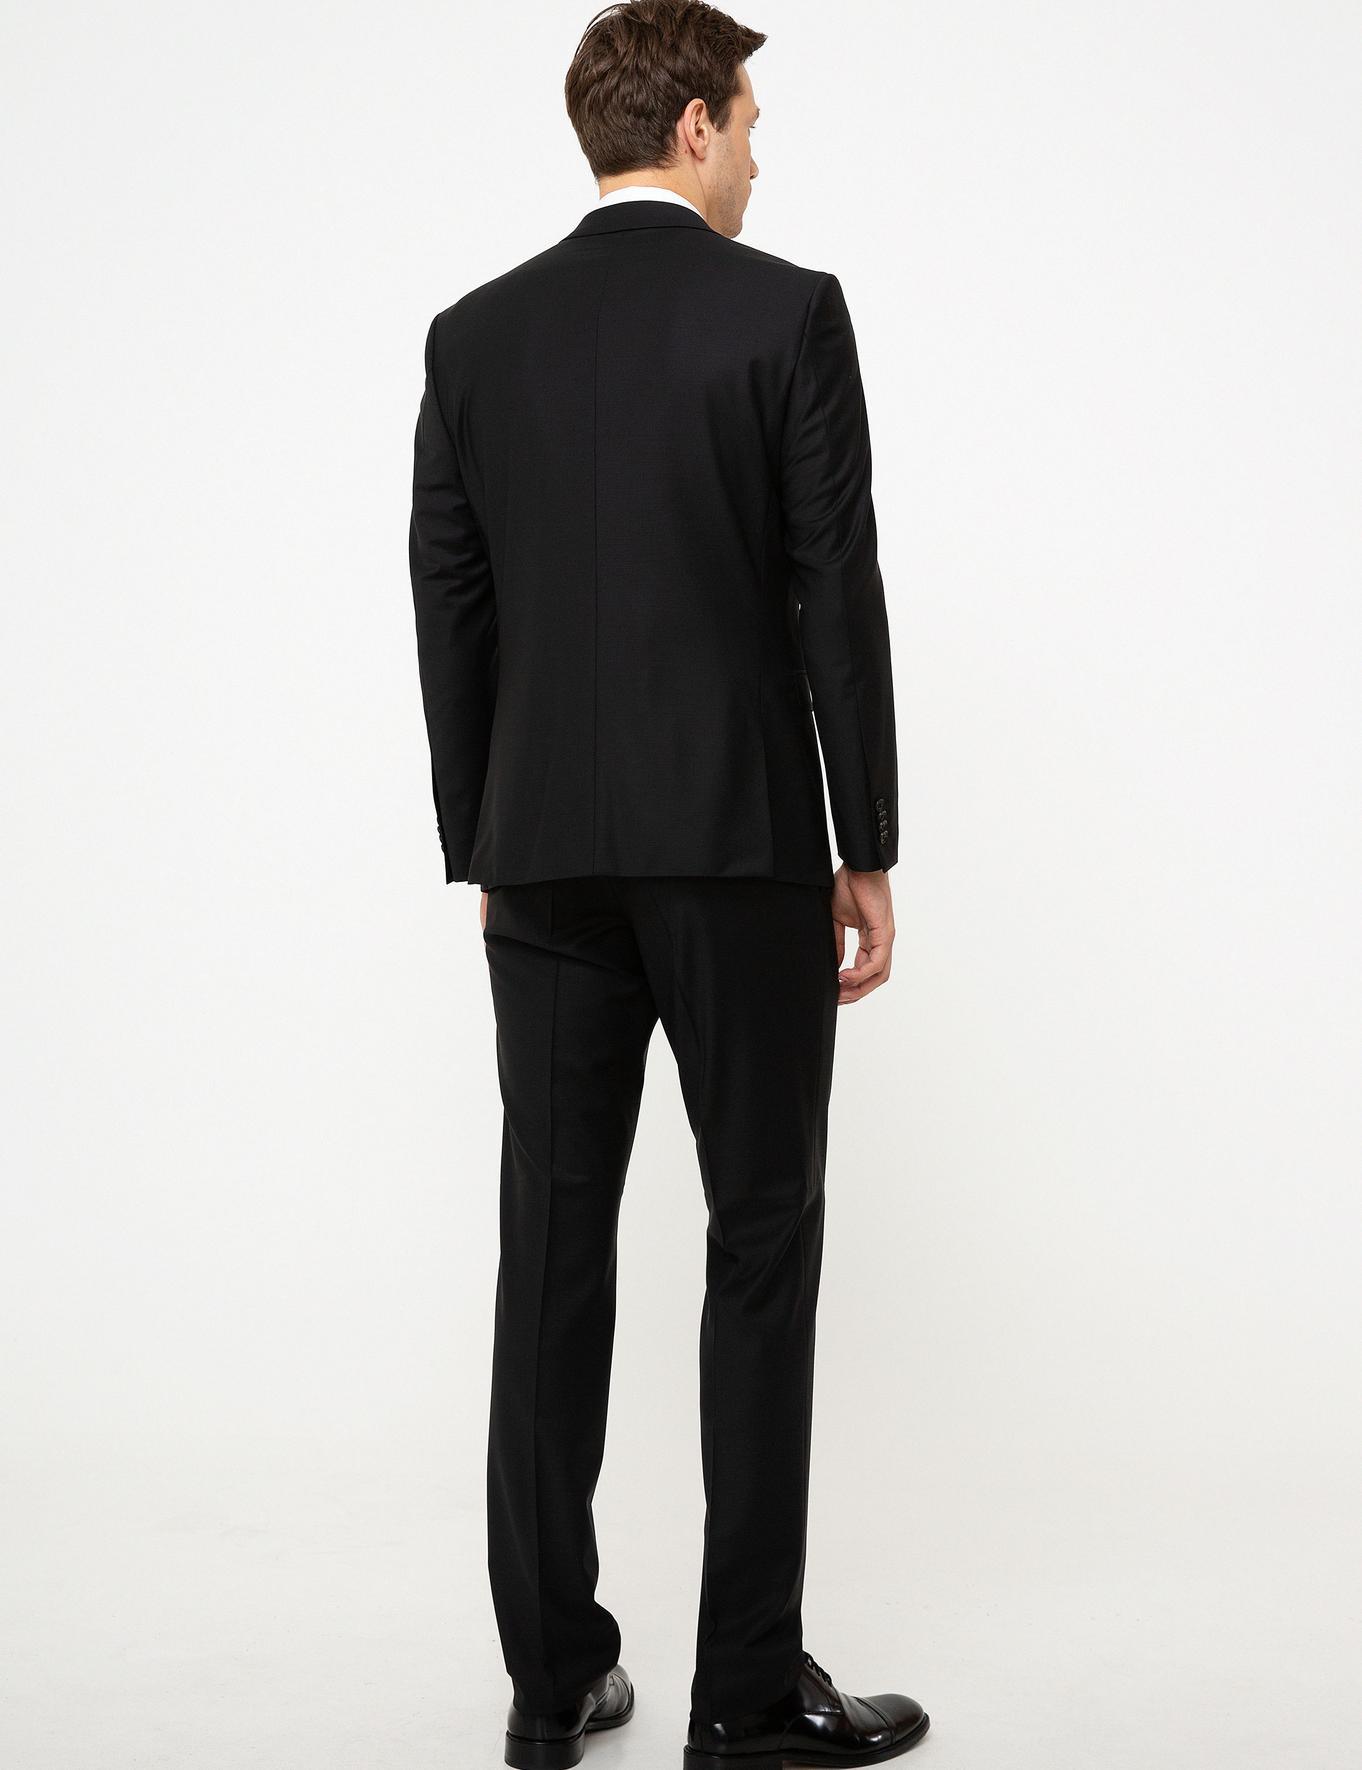 Siyah Slim Fit Takım Elbise - 50206330251